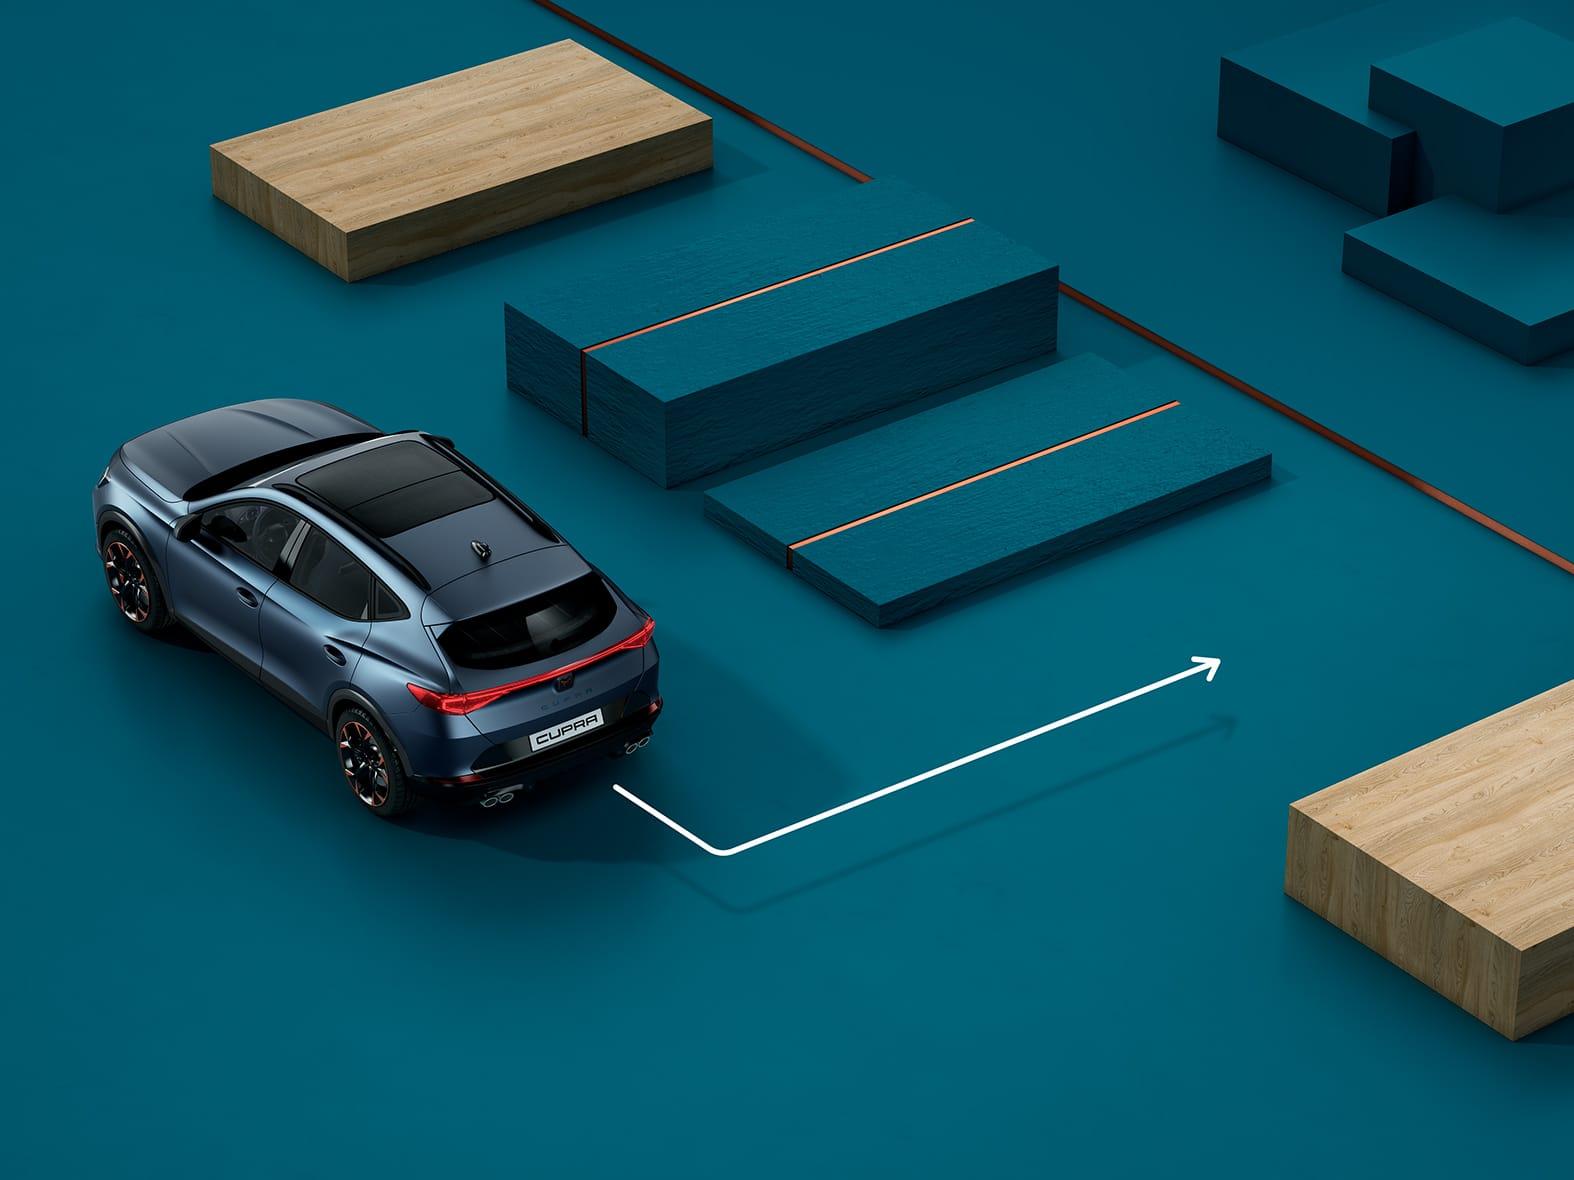 Neuer CUPRA Leon eHybrid Fünftürer Kompaktsportwagen mit Parklenkassistent